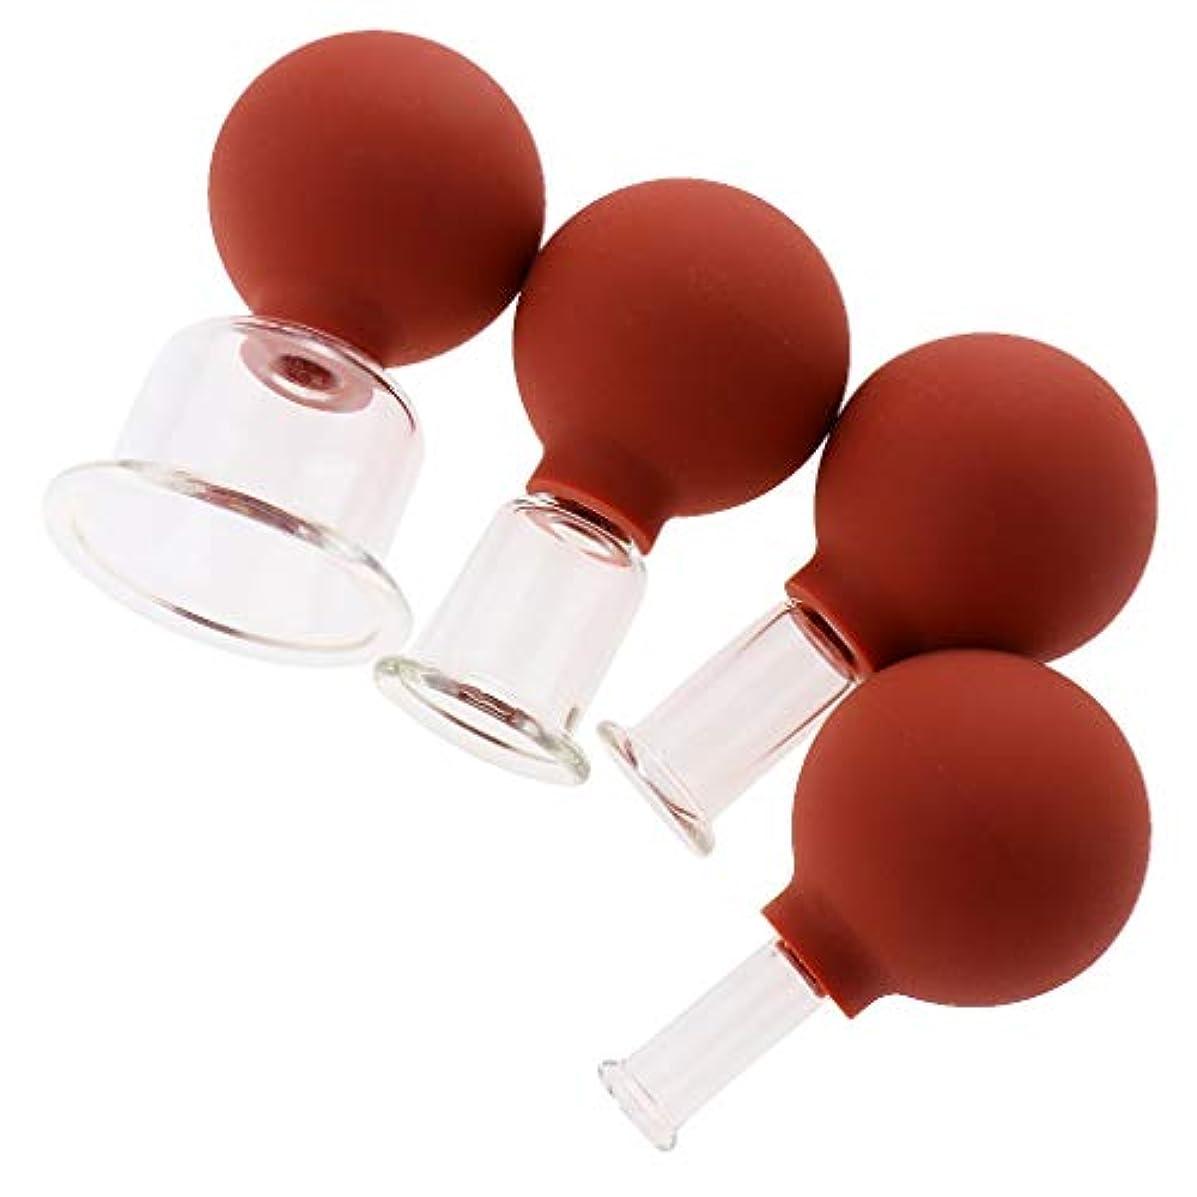 サーマル急ぐおめでとうCUTICATE 全3色 マッサージカップ ガラスカッピング 吸い玉 マッサージ カッピングセット 4個入 - 赤茶色